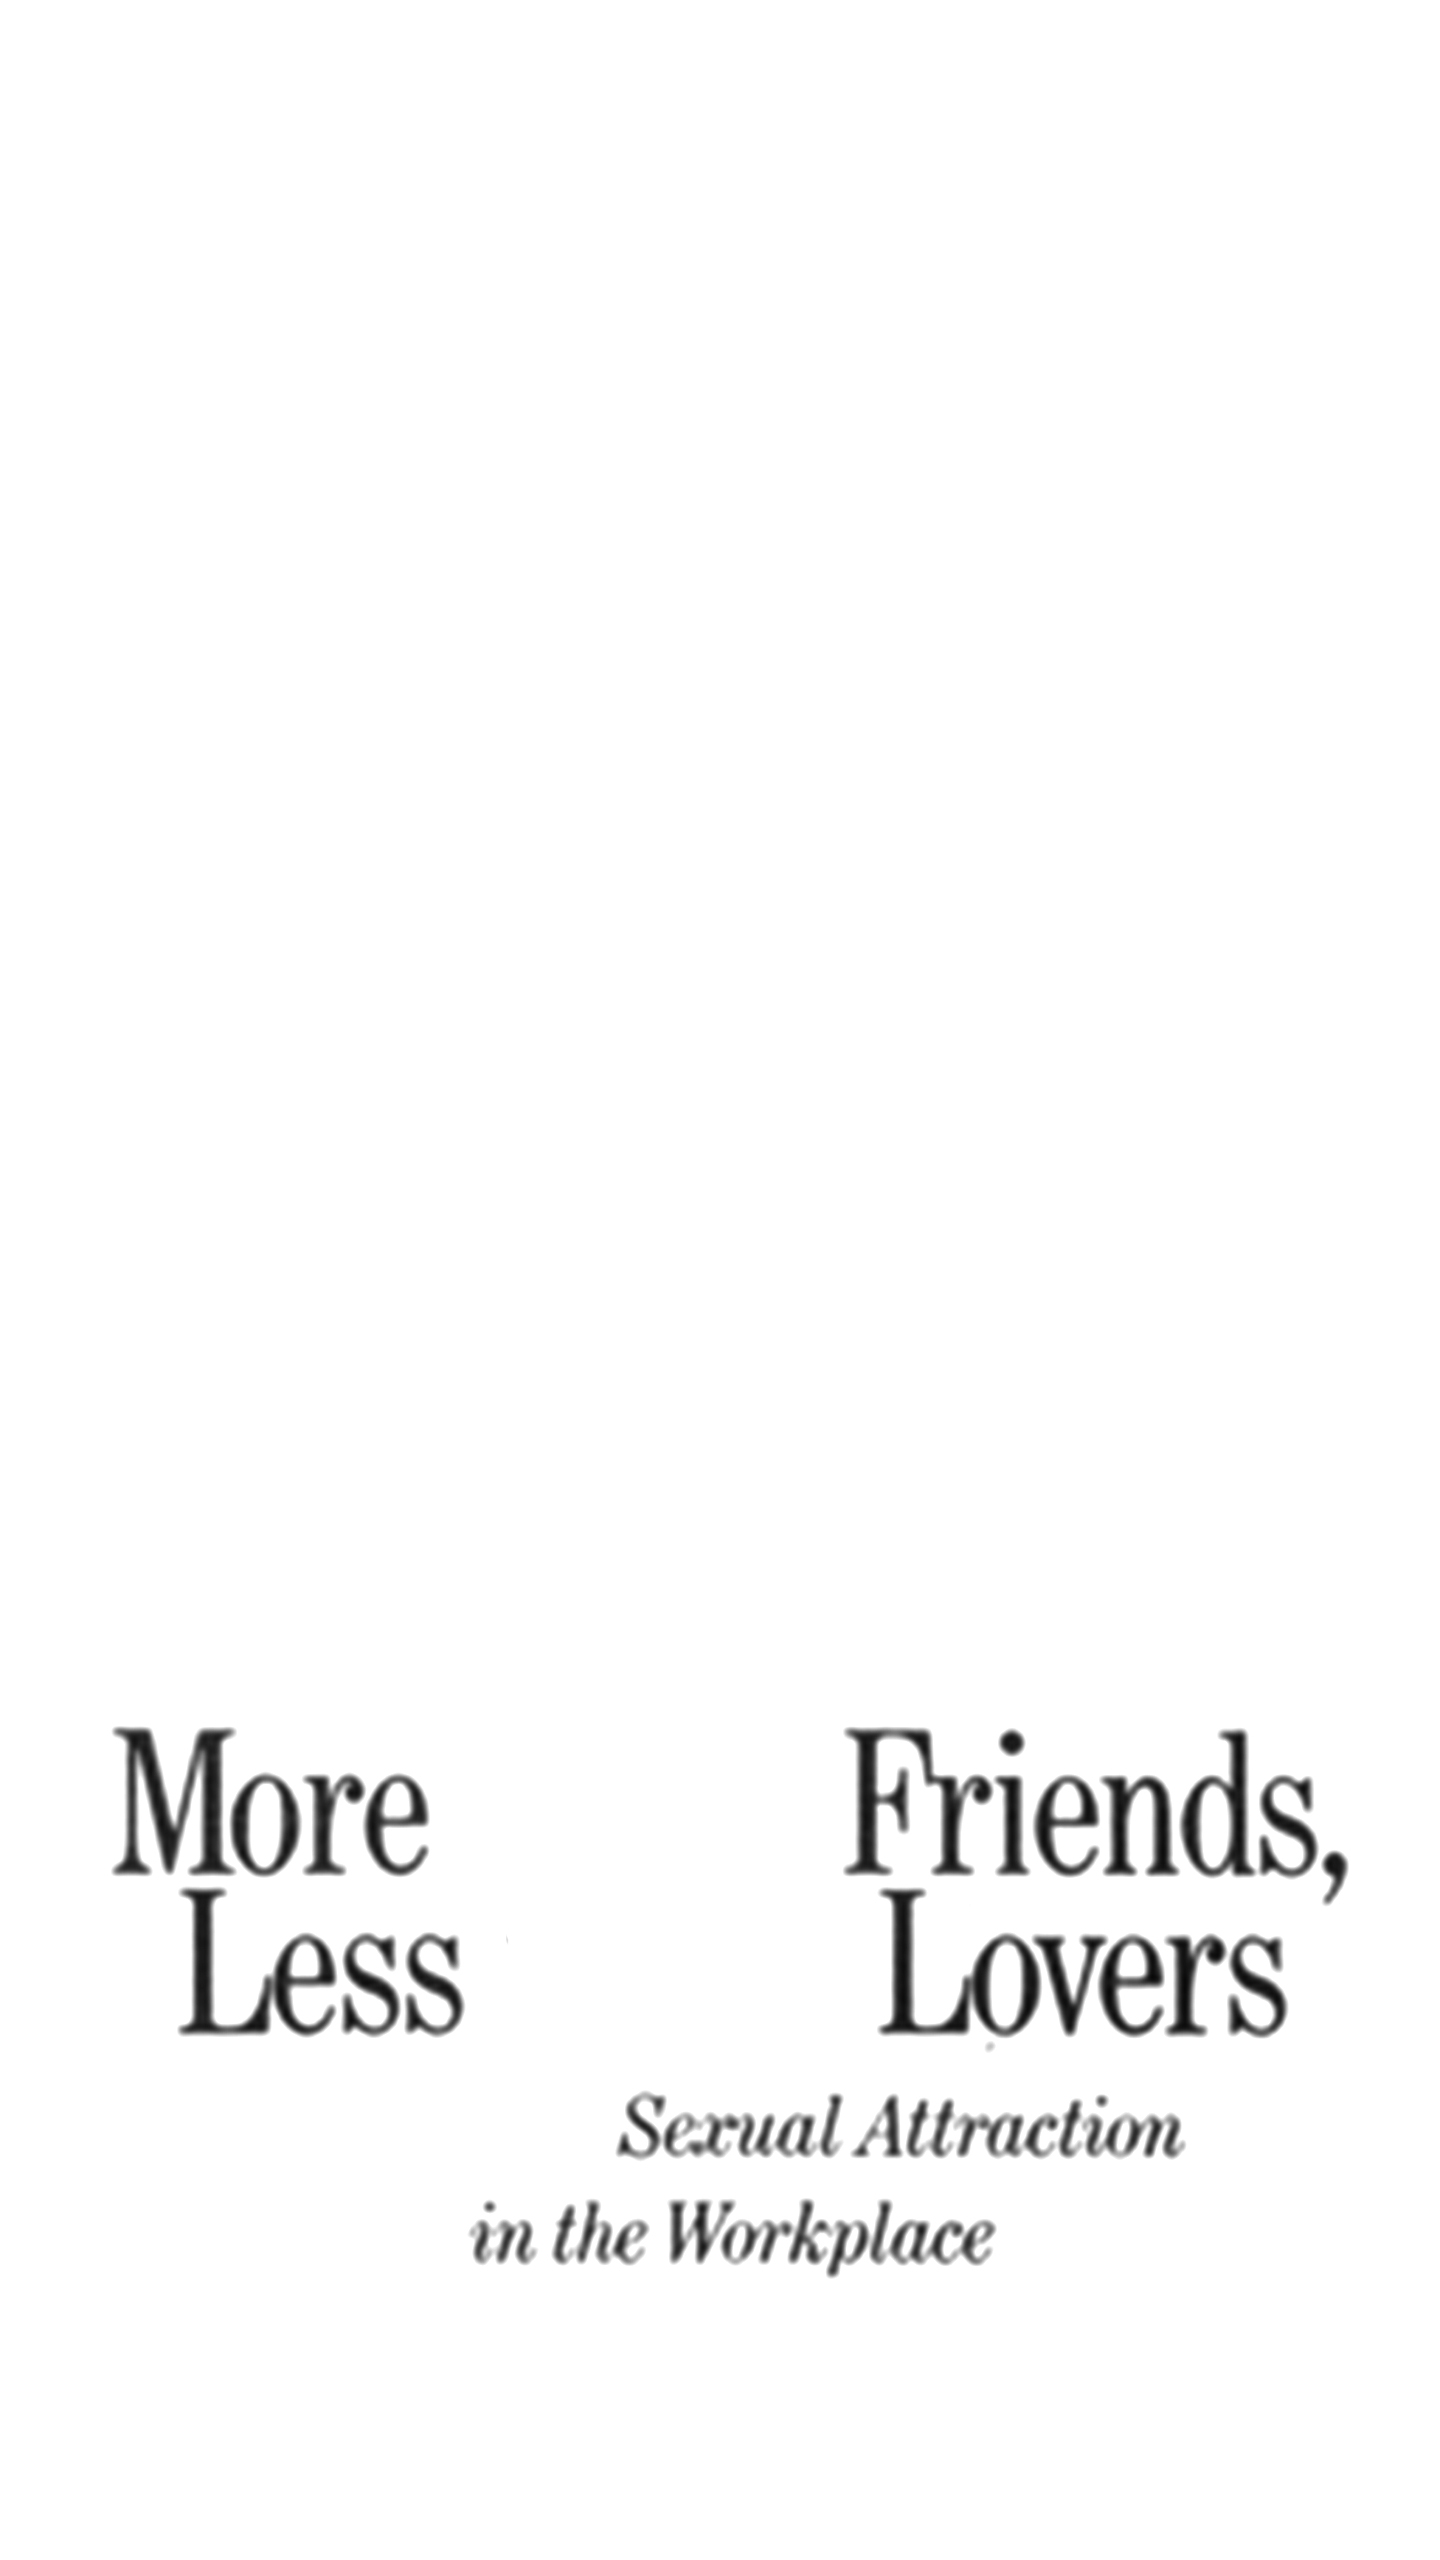 lesslovers.jpg